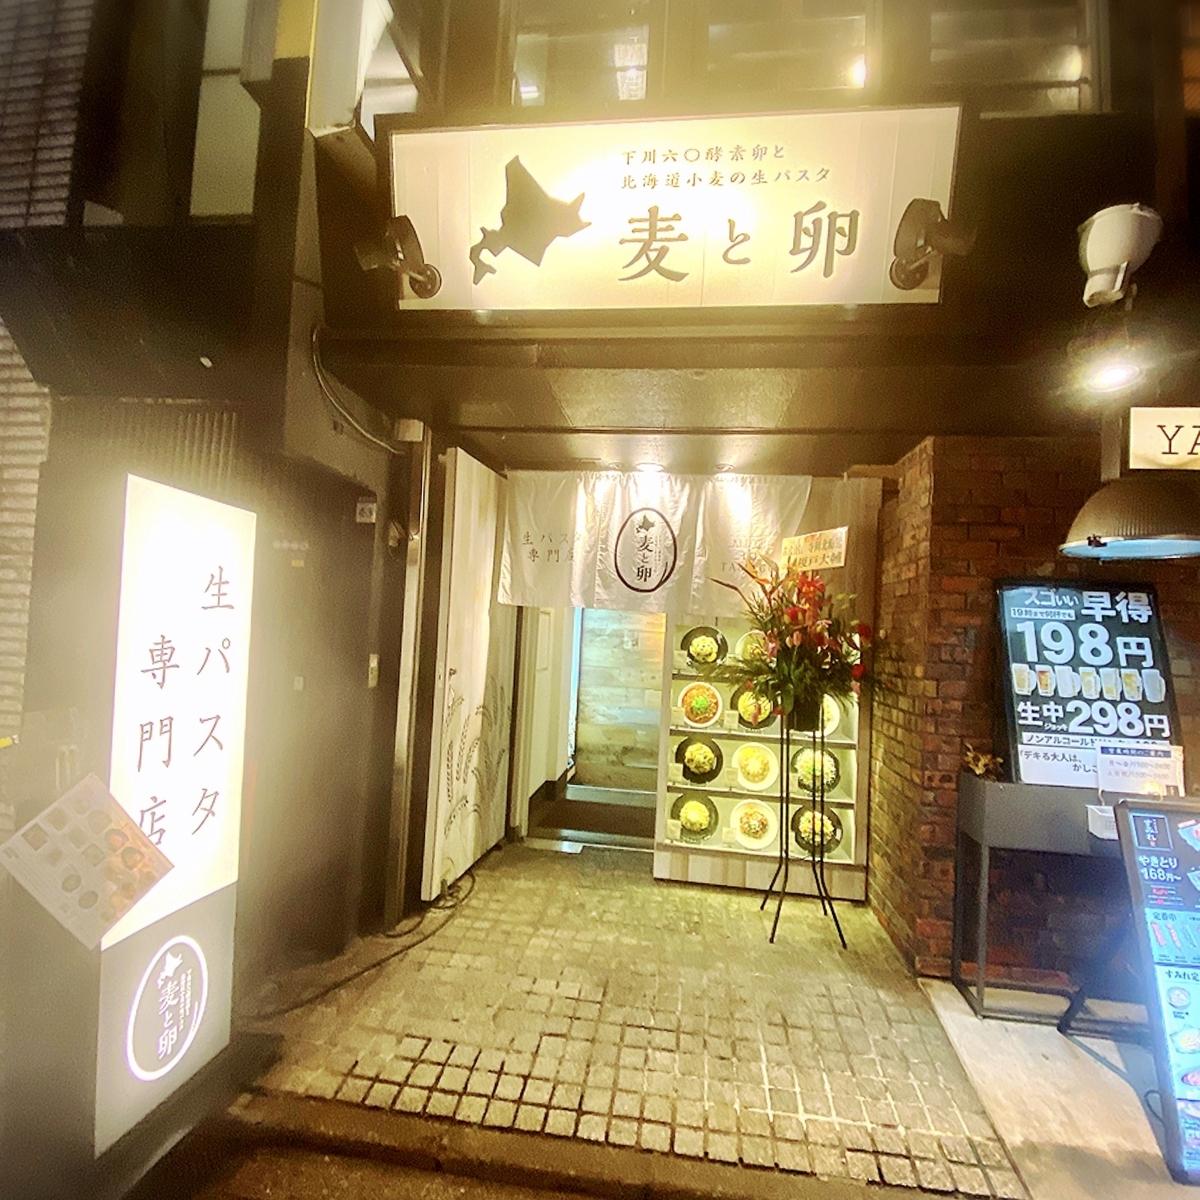 「下川六〇酵素卵と北海道小麦の生パスタ 麦と卵 吉祥寺店」はデートから一人ランチや一人夜ごはんなどパスタ好きには使い勝手の良い生パスタ専門店